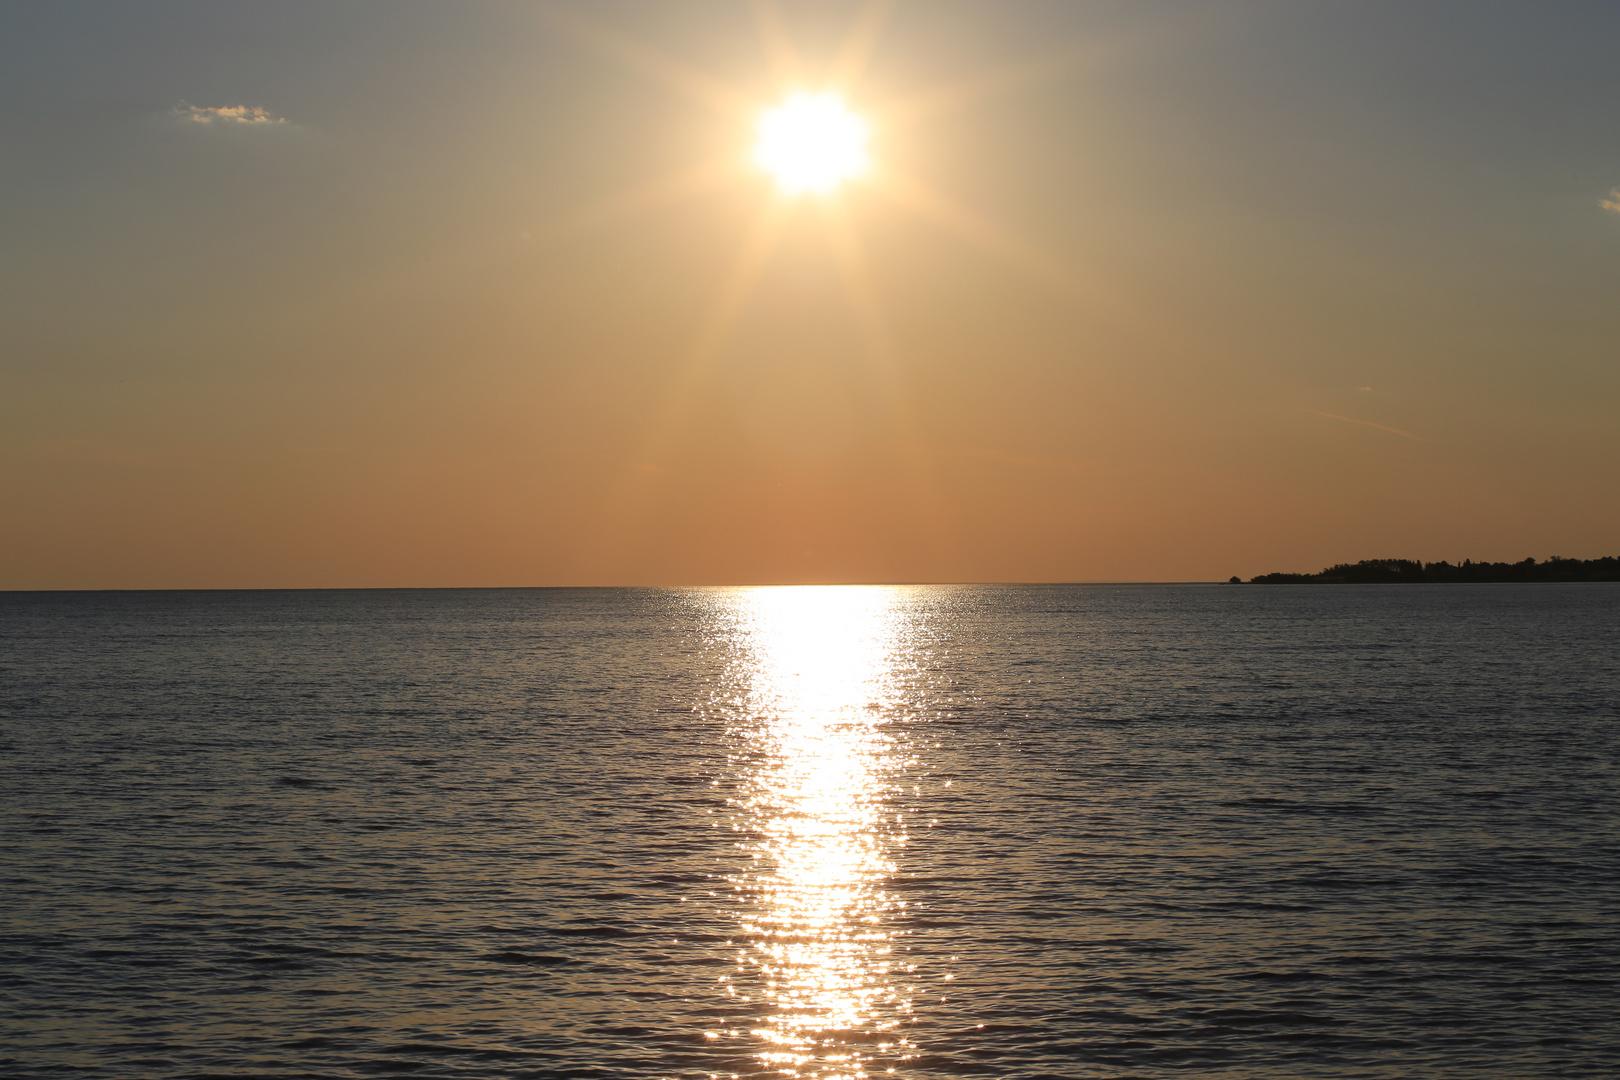 Sonnenuntergang in Kroatien 2013